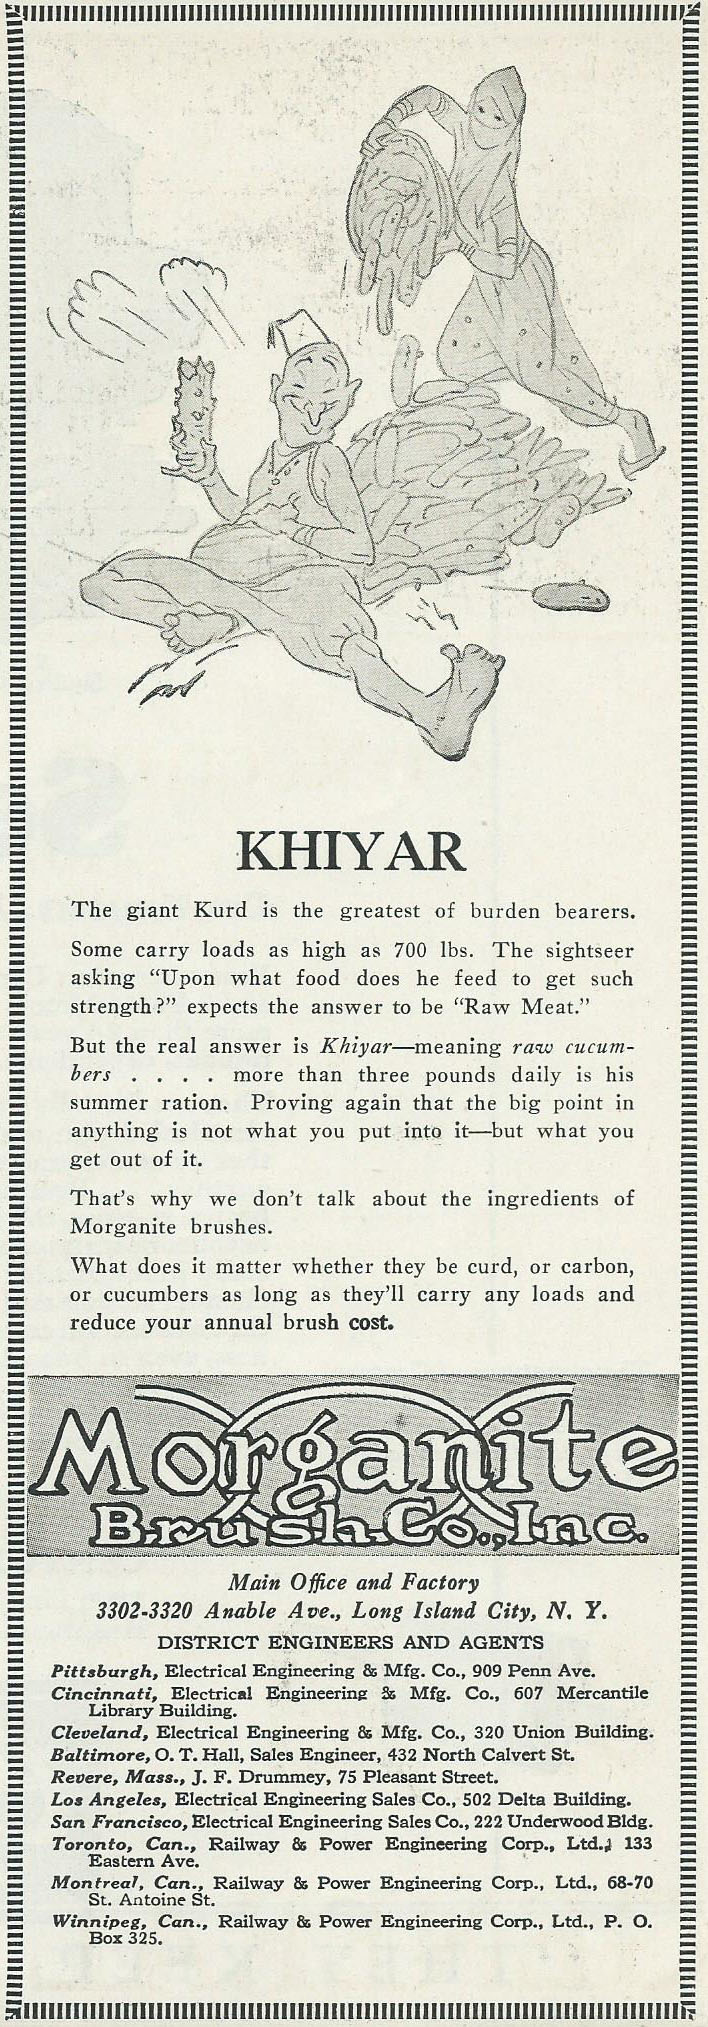 xiyar-khiyar-1928